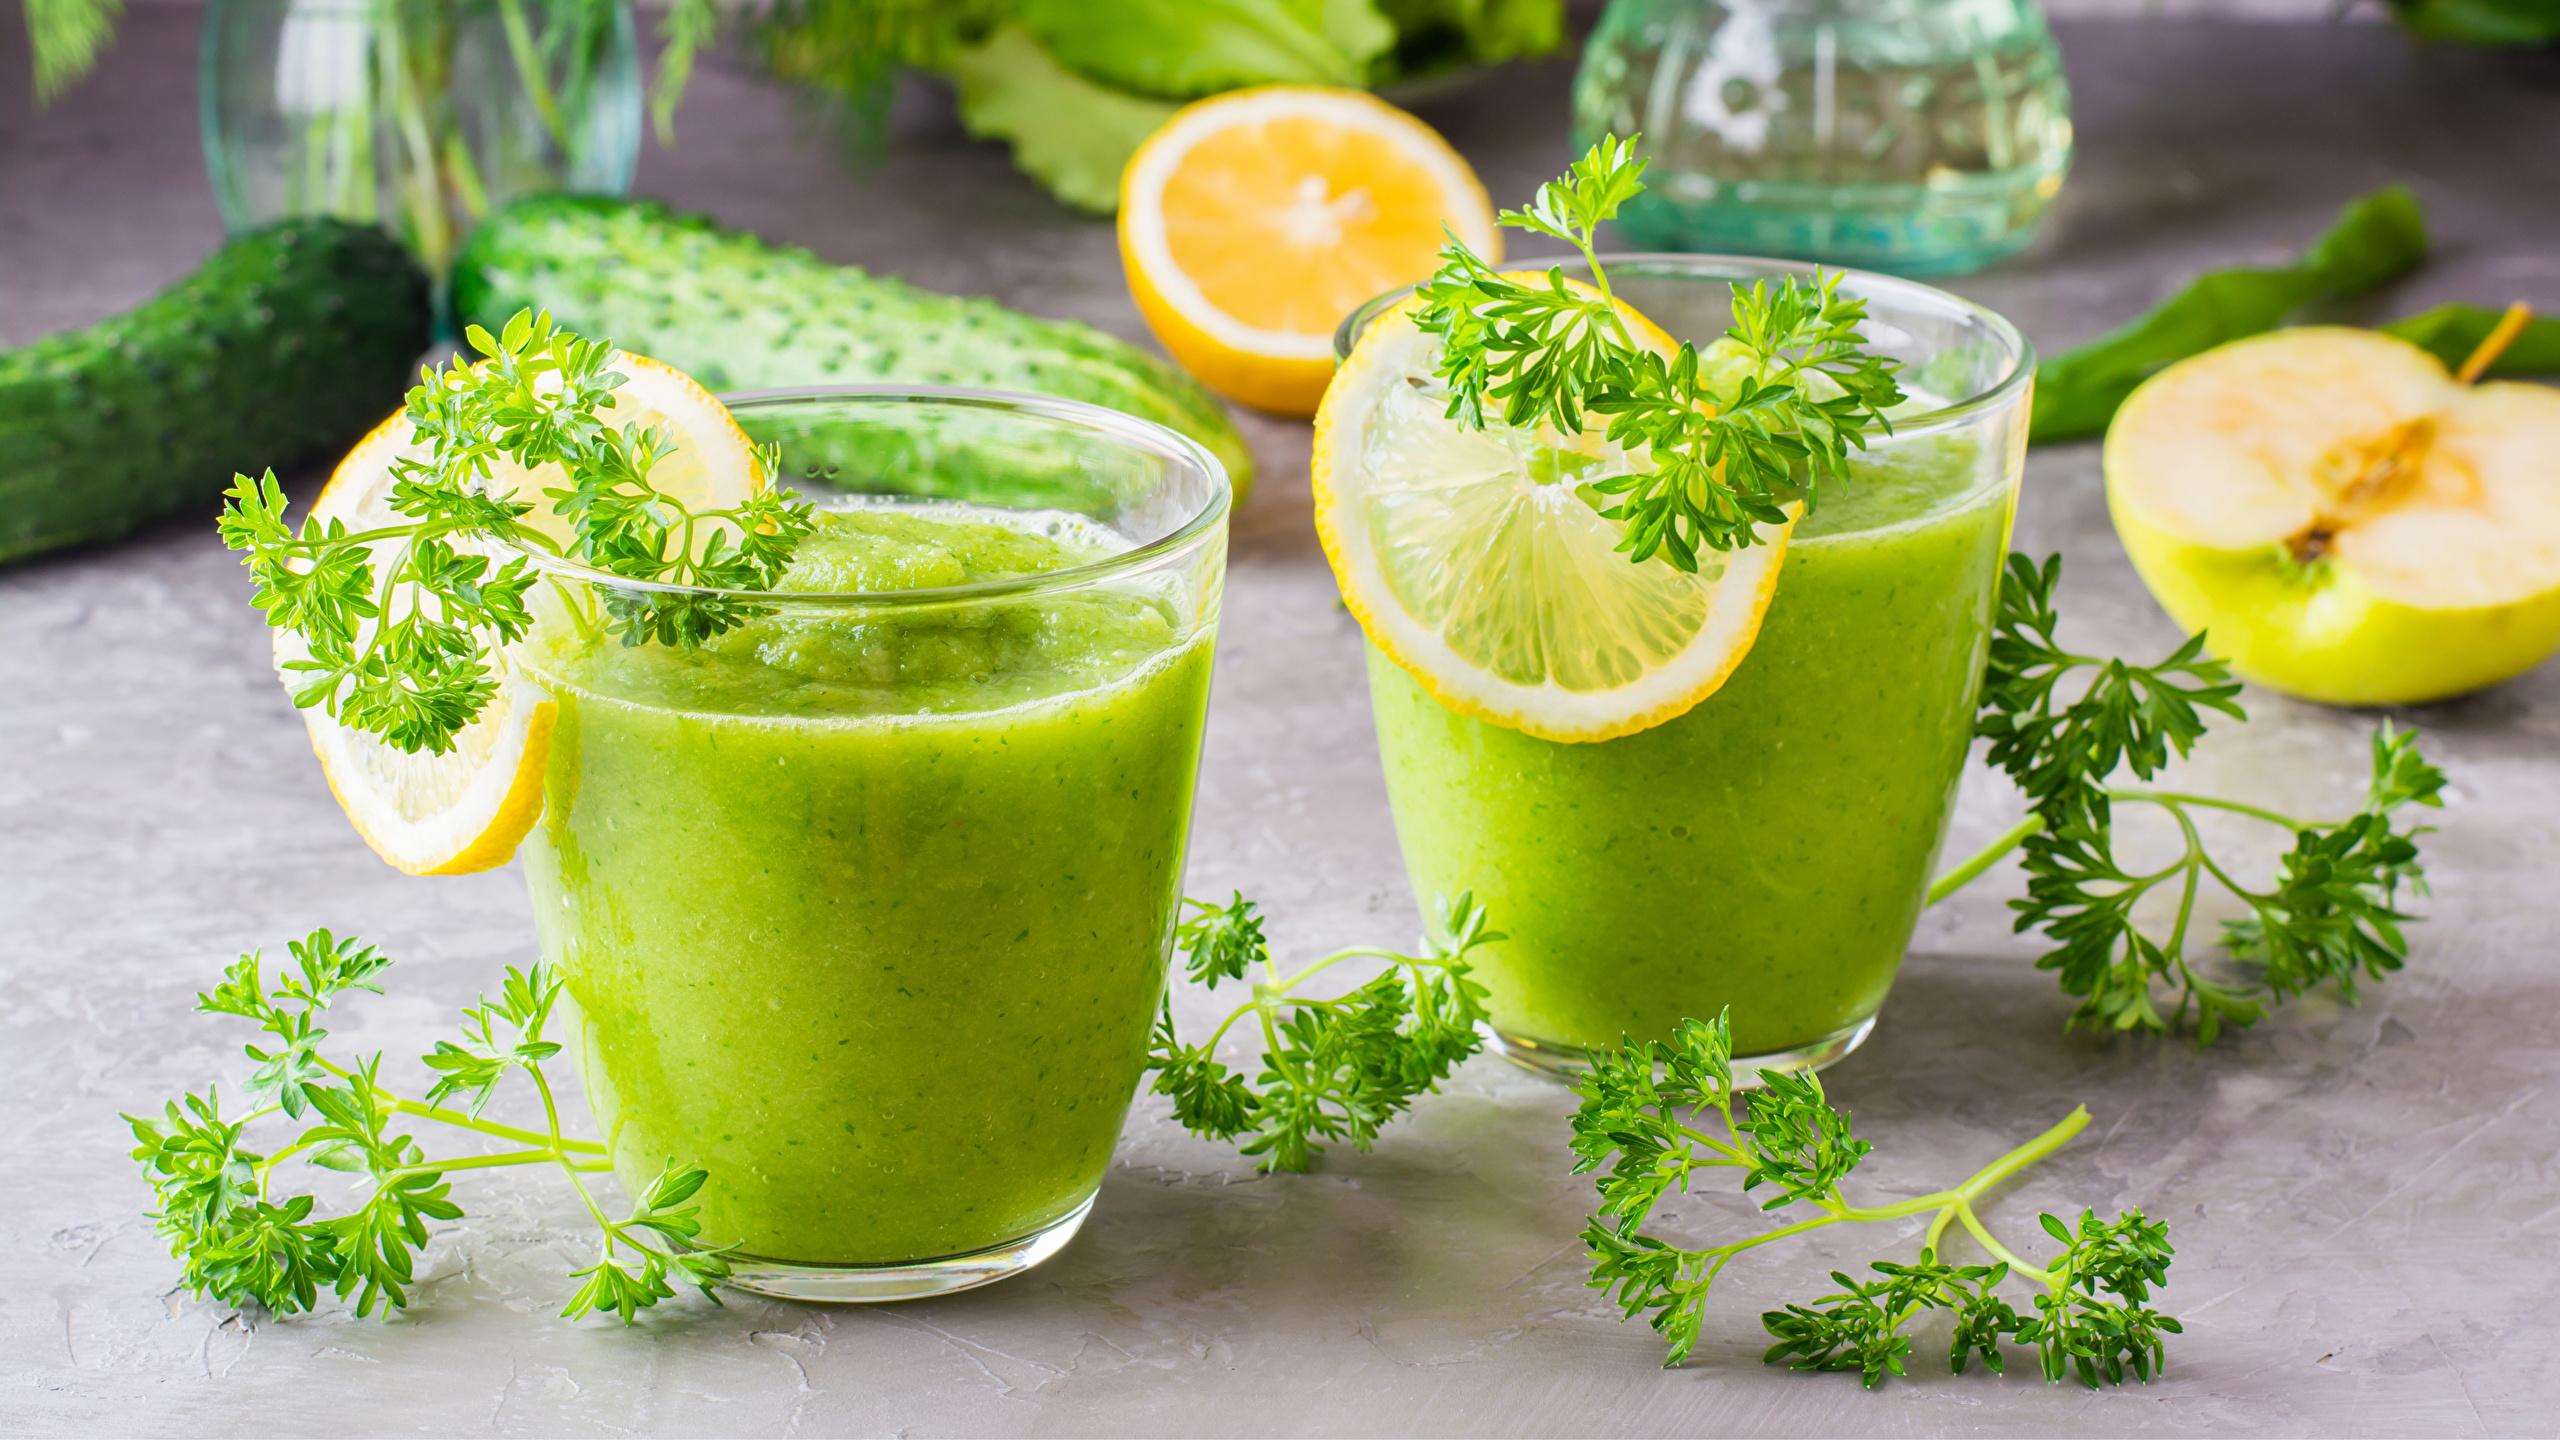 Фото Смузи 2 Лимоны стакане Пища Овощи 2560x1440 две два Двое вдвоем Стакан стакана Еда Продукты питания